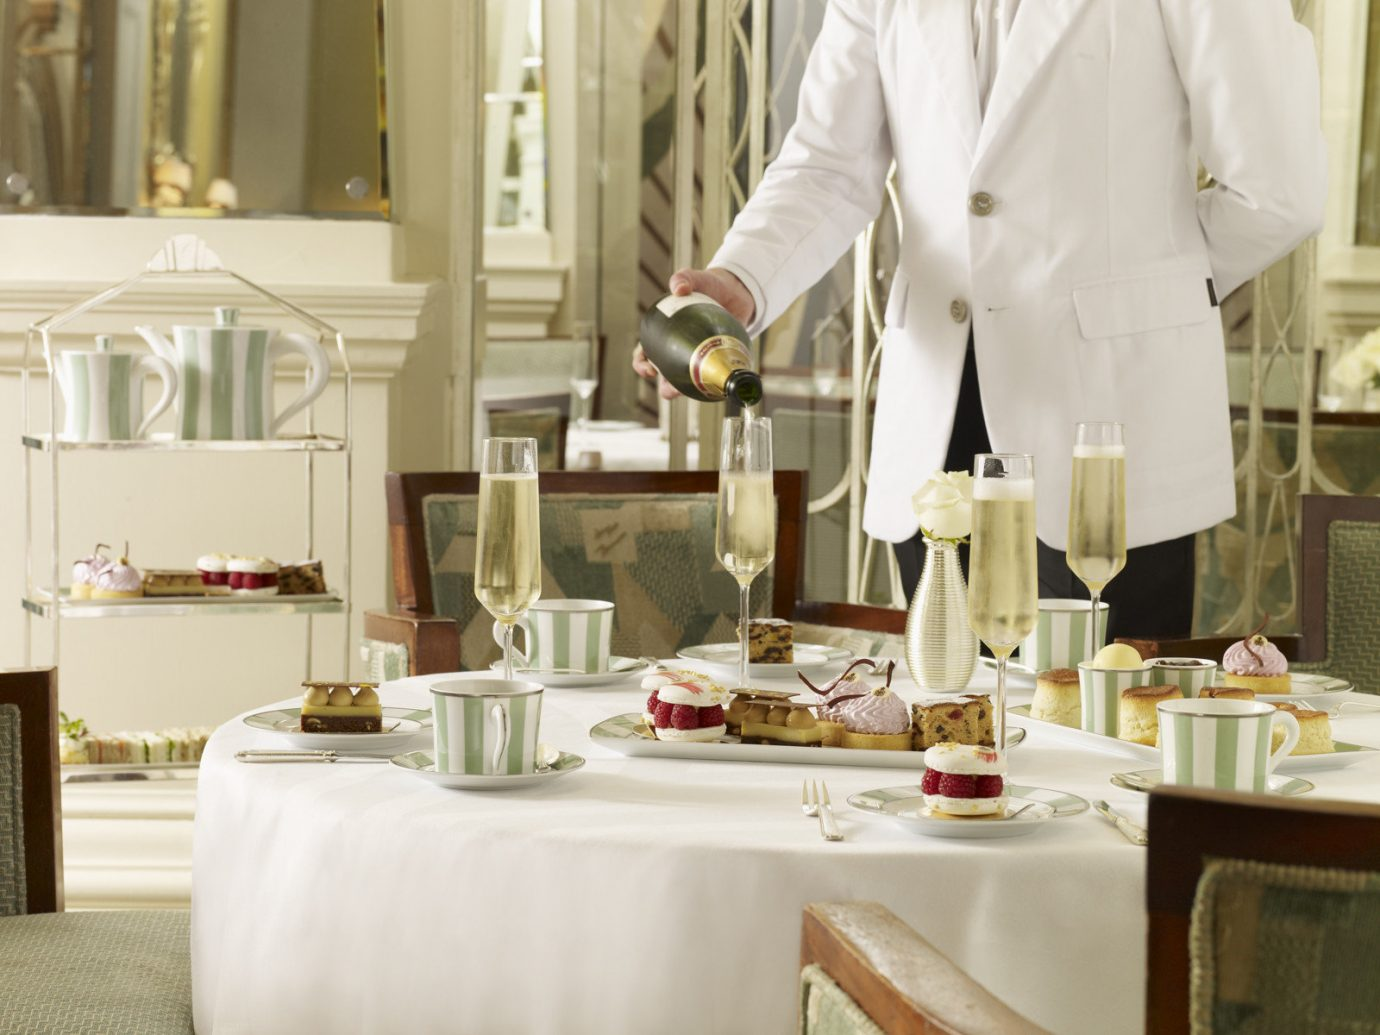 Hotels indoor person room meal restaurant interior design home Design table brunch